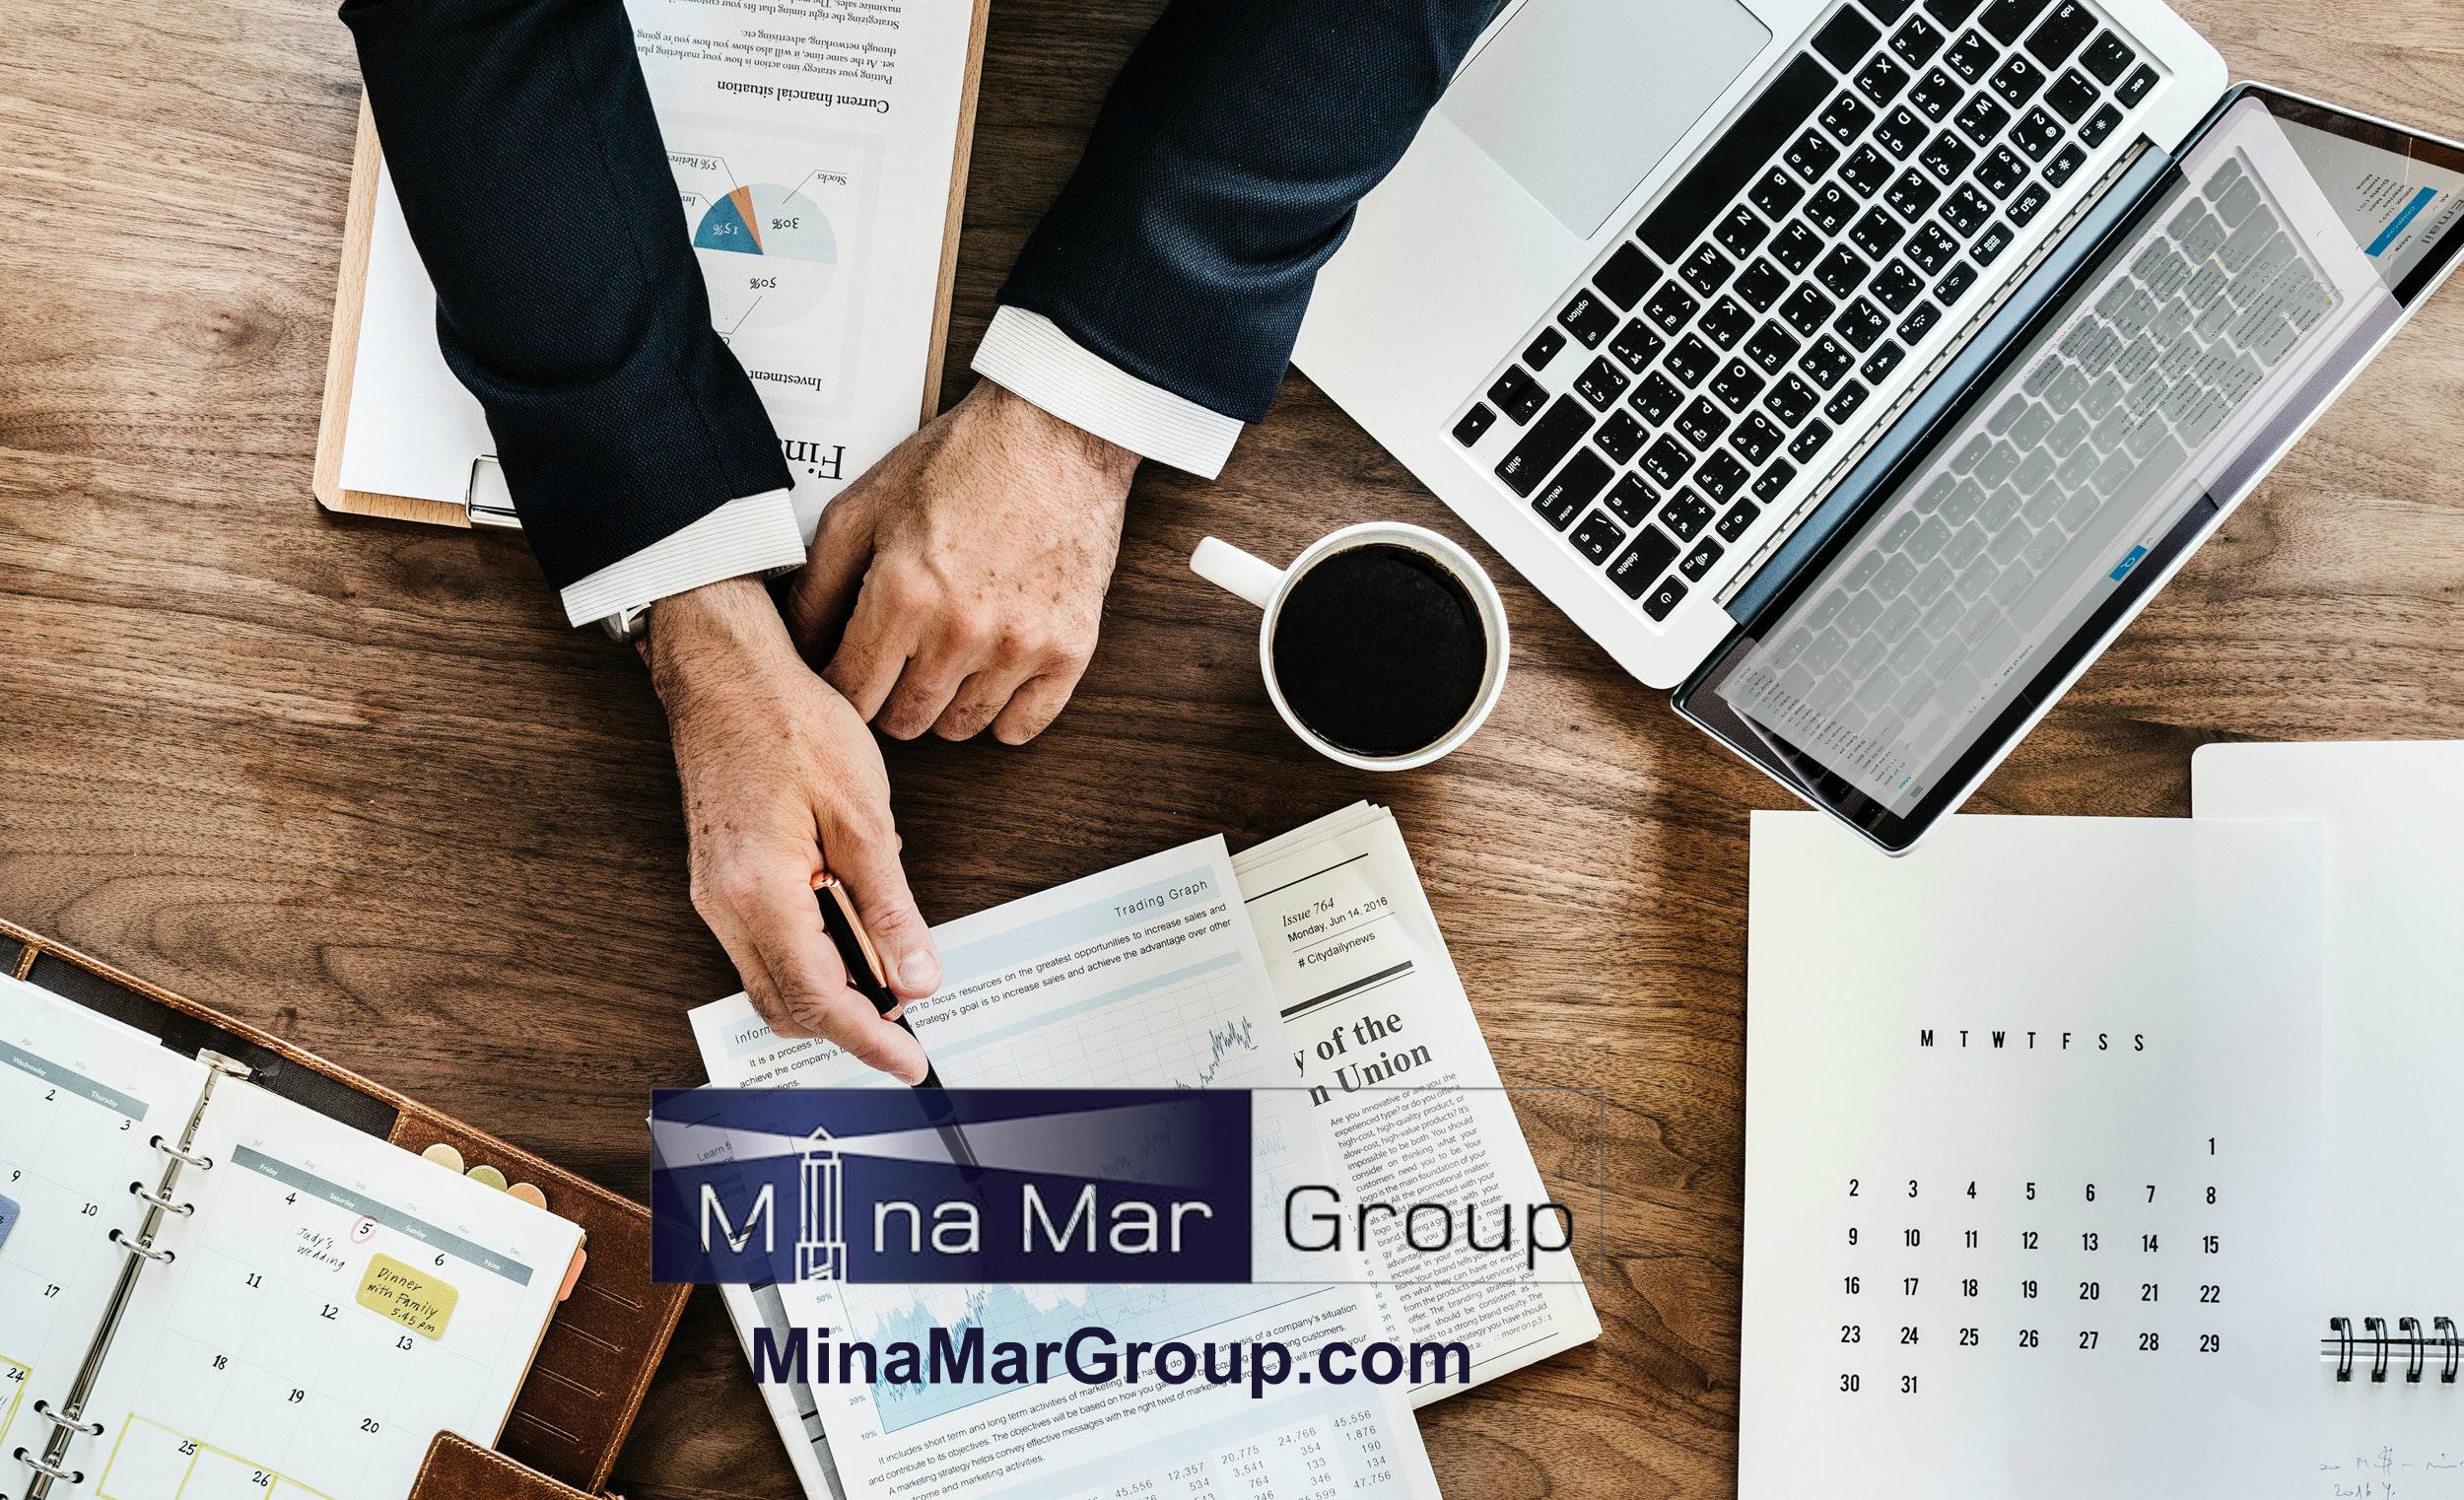 agenda-analysis-business-990818